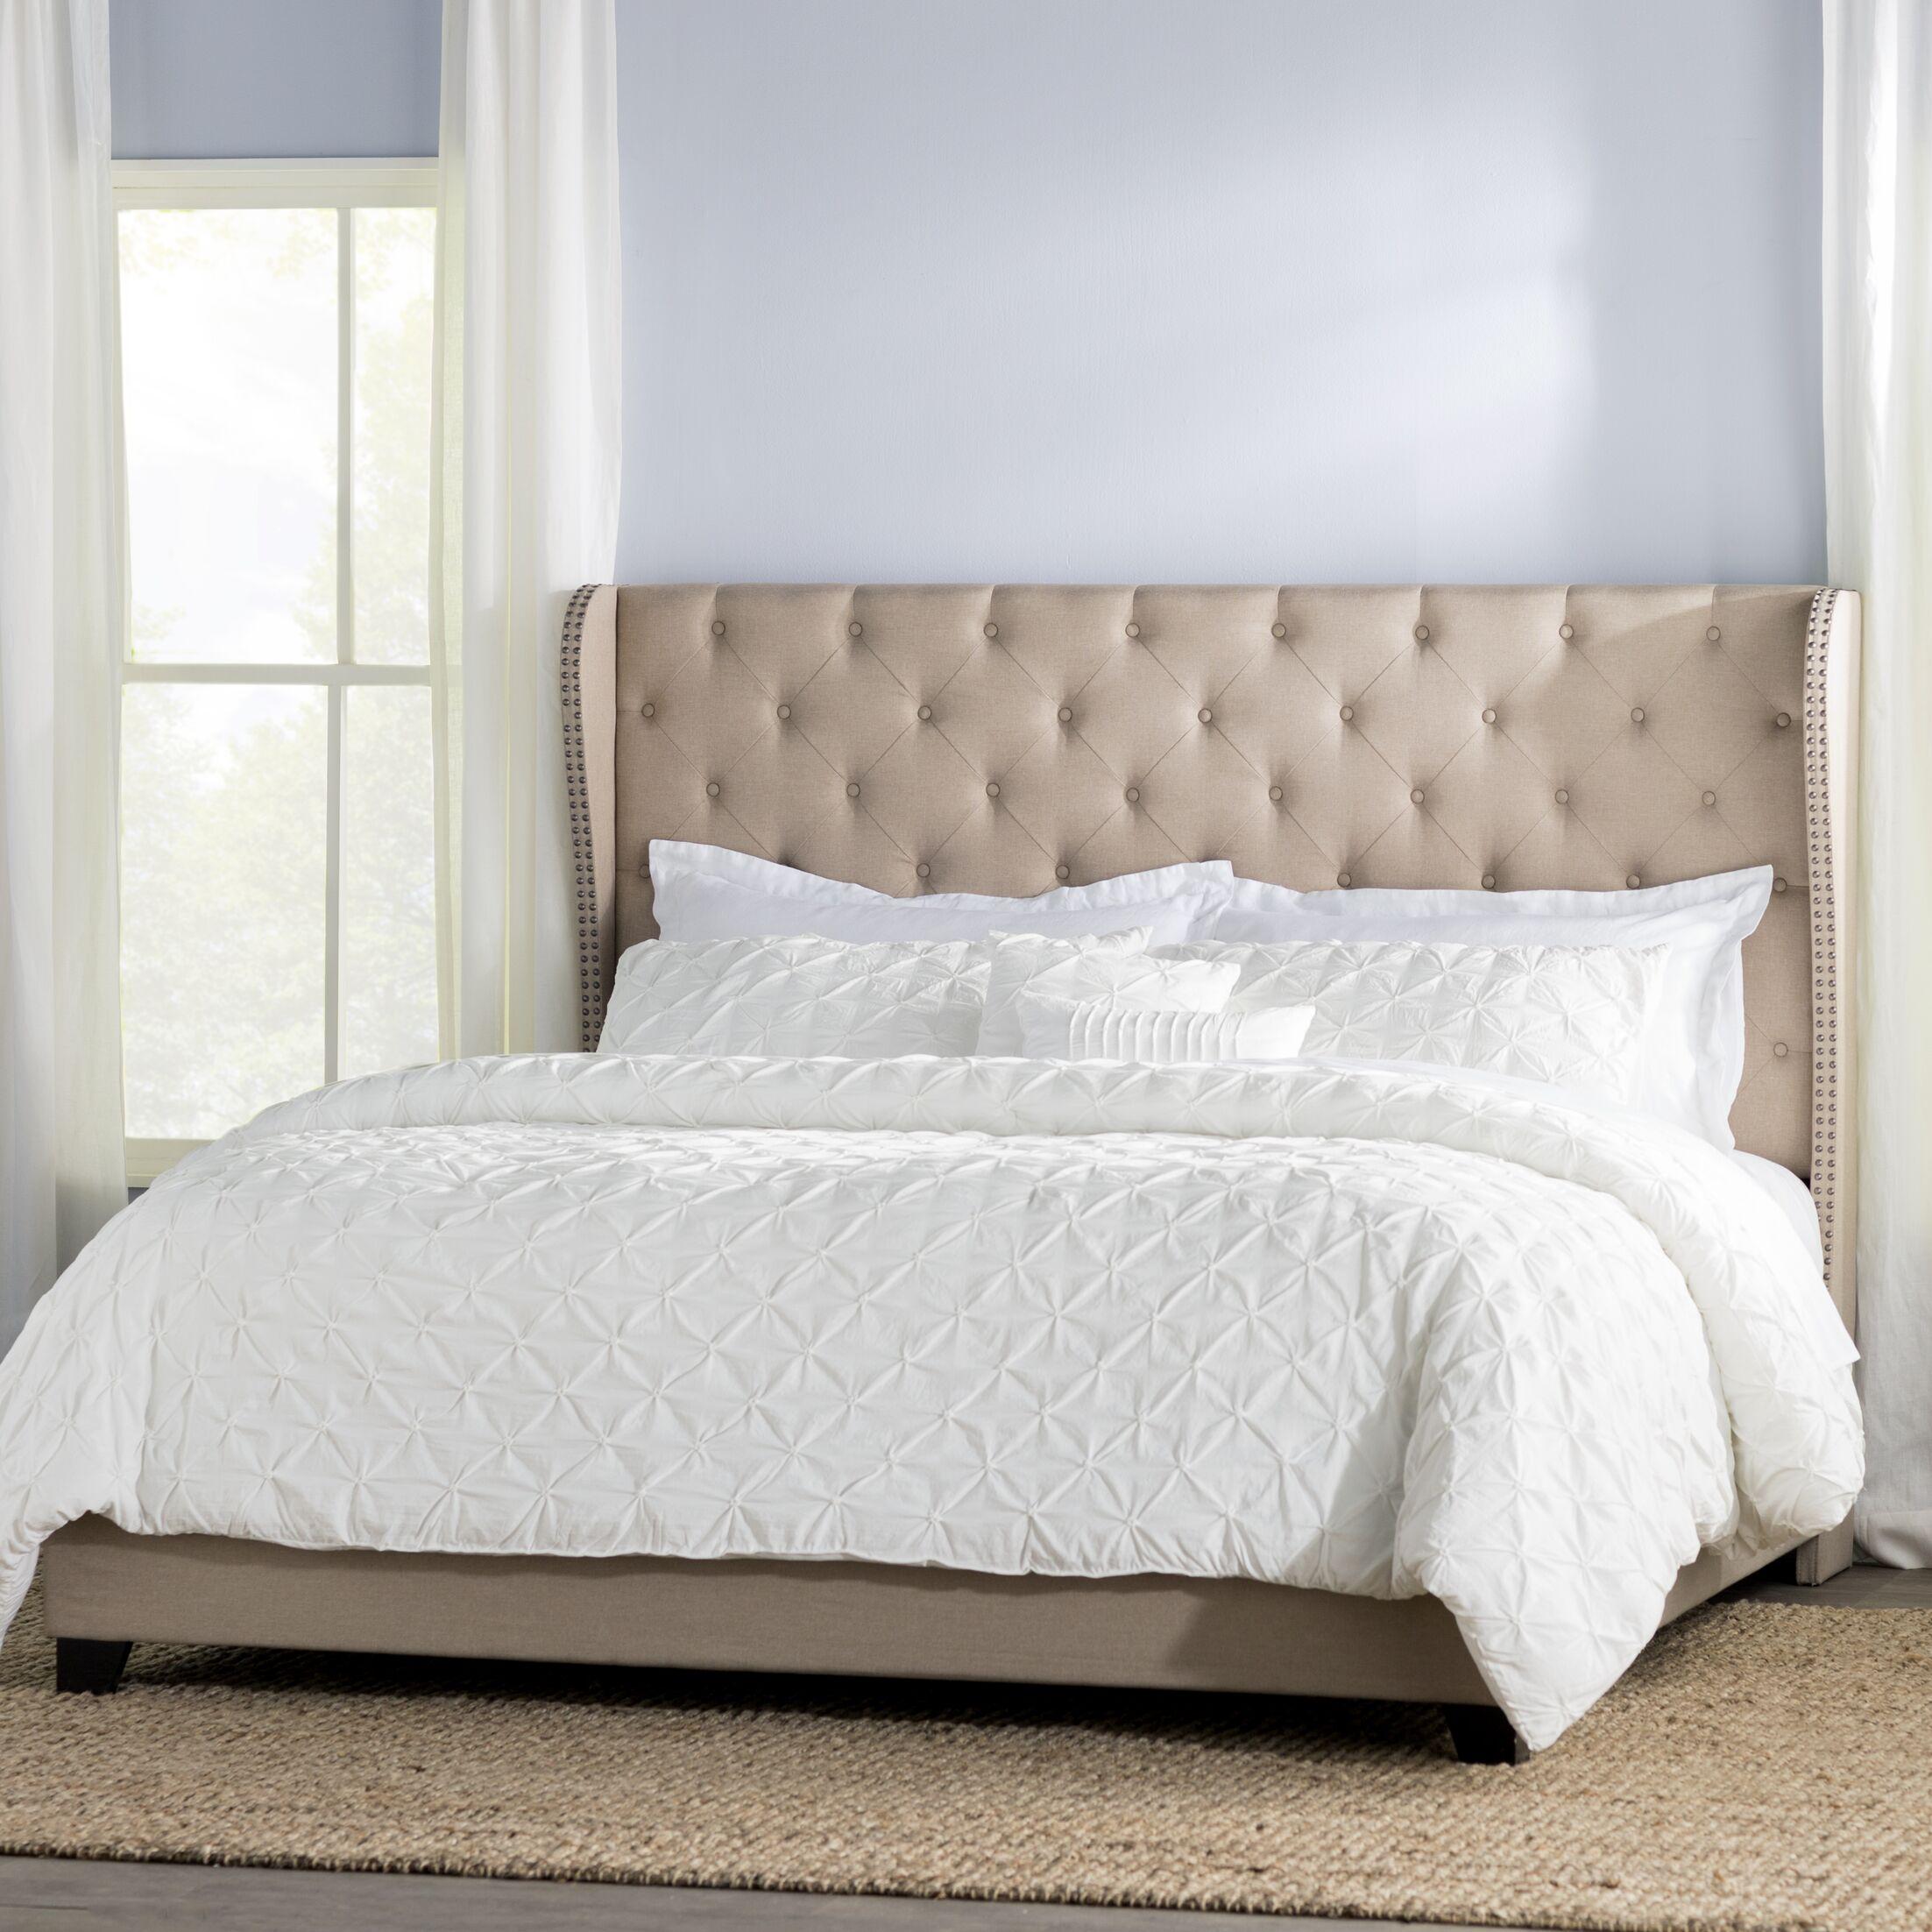 Amir Upholstered Panel Bed Color: Beige, Size: King